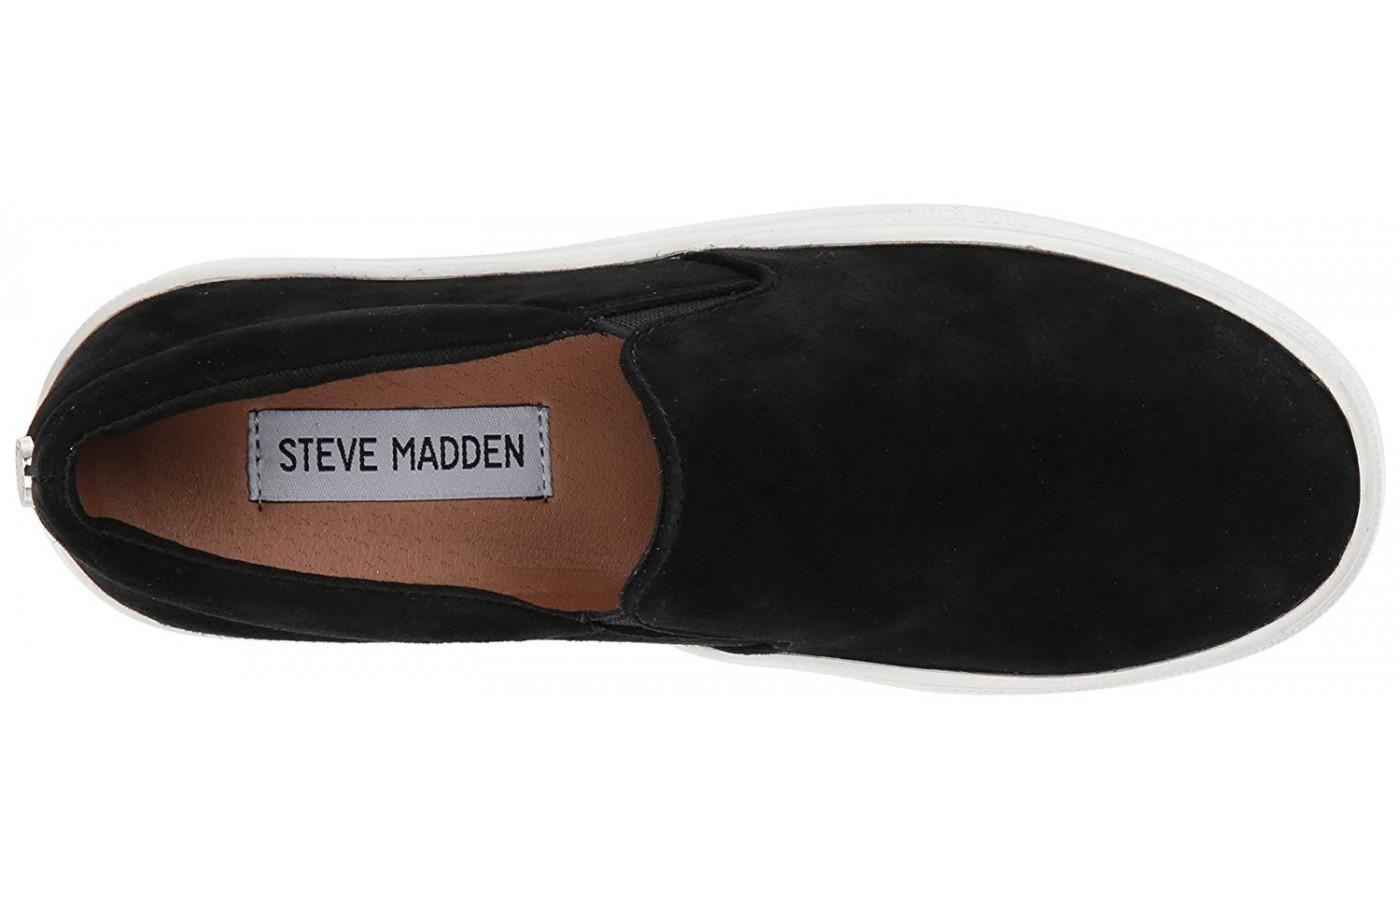 Steve Madden Gills Upper